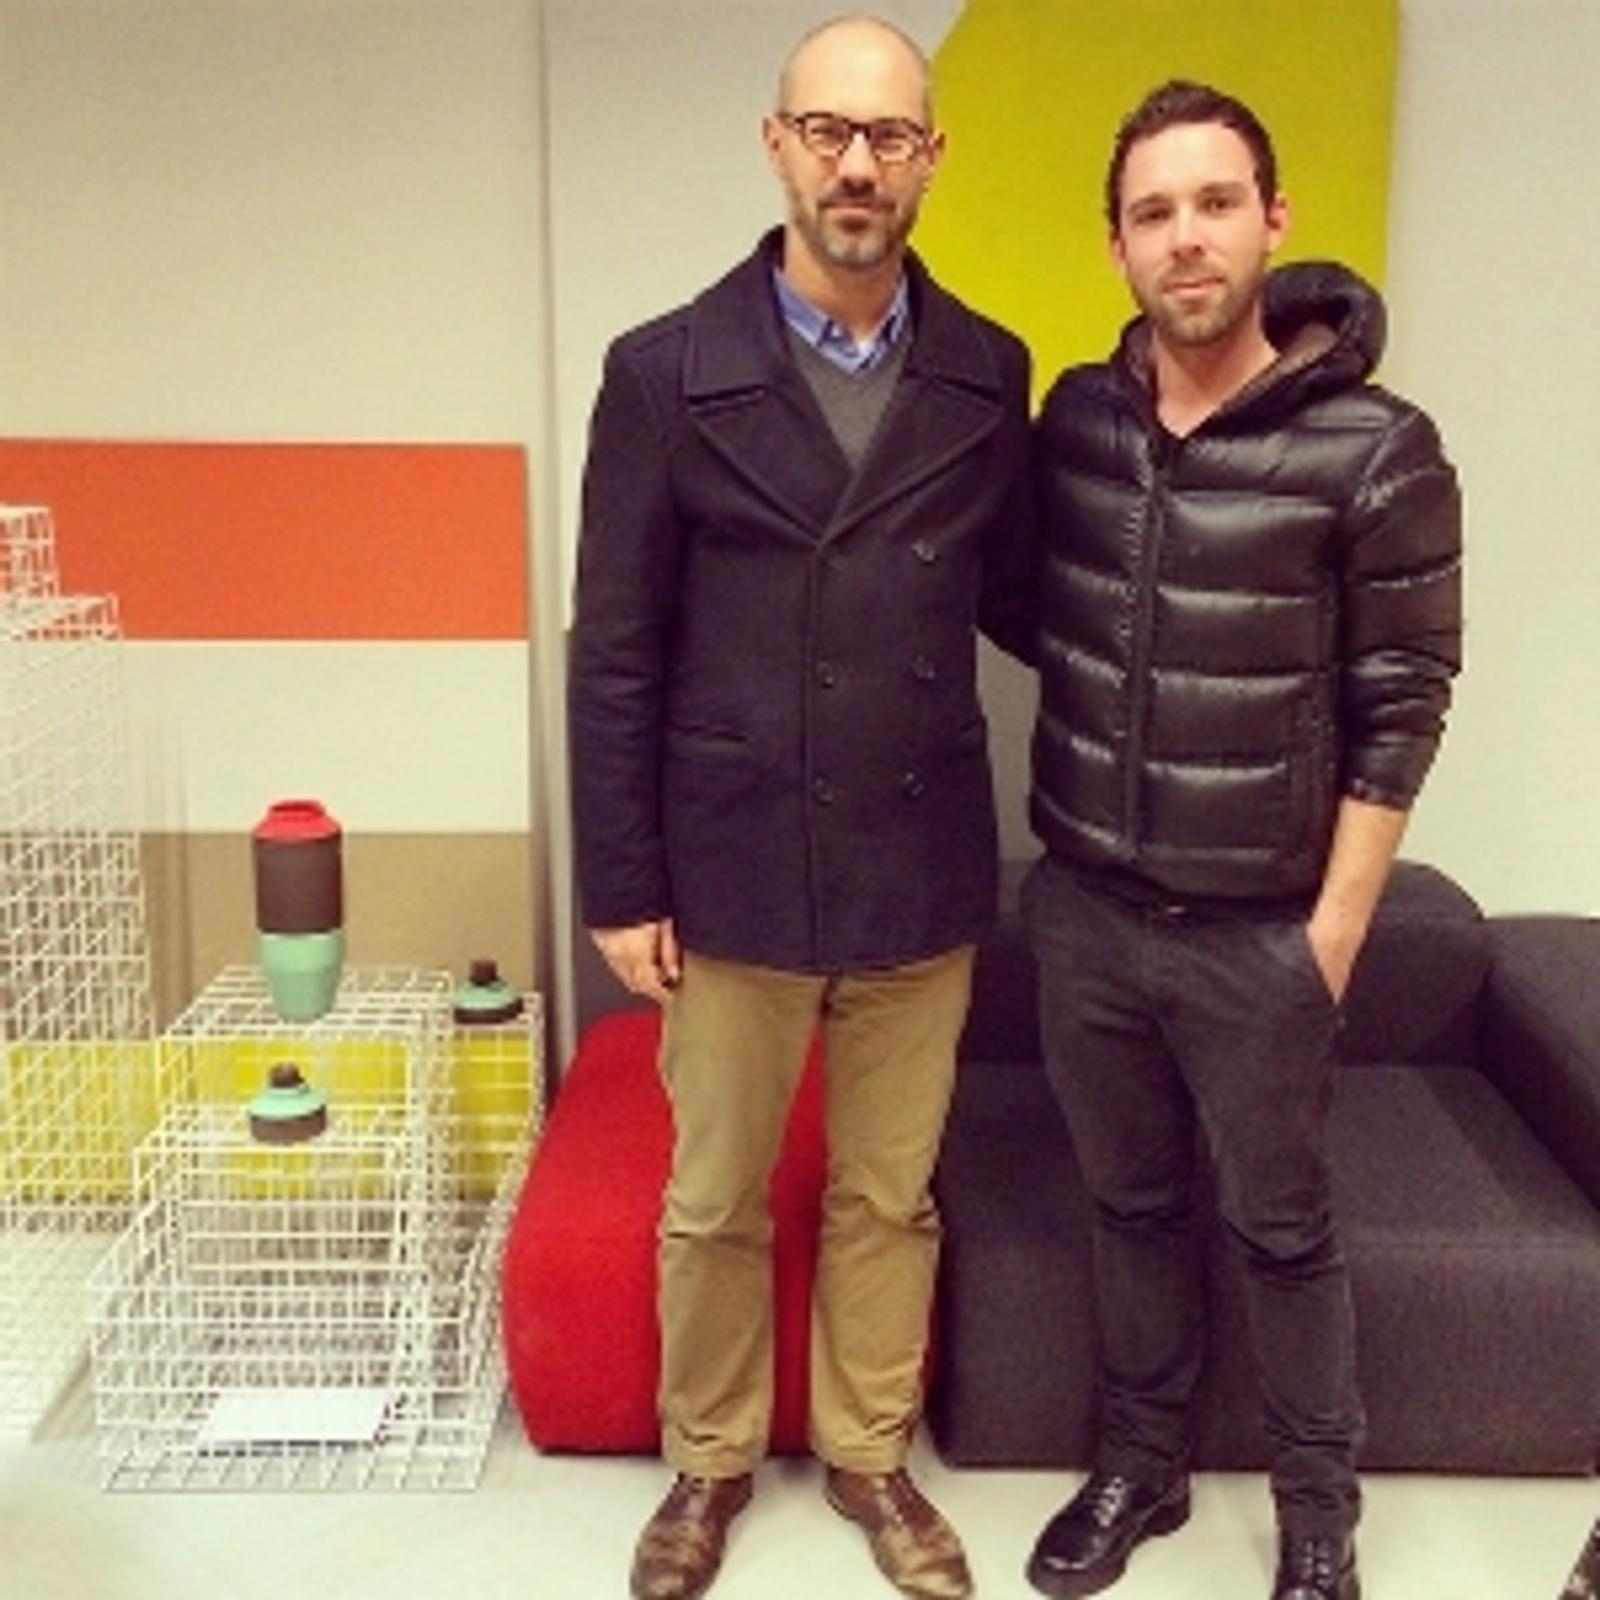 Bence Simonfalvi Interior Designer Position Collective Episode 25